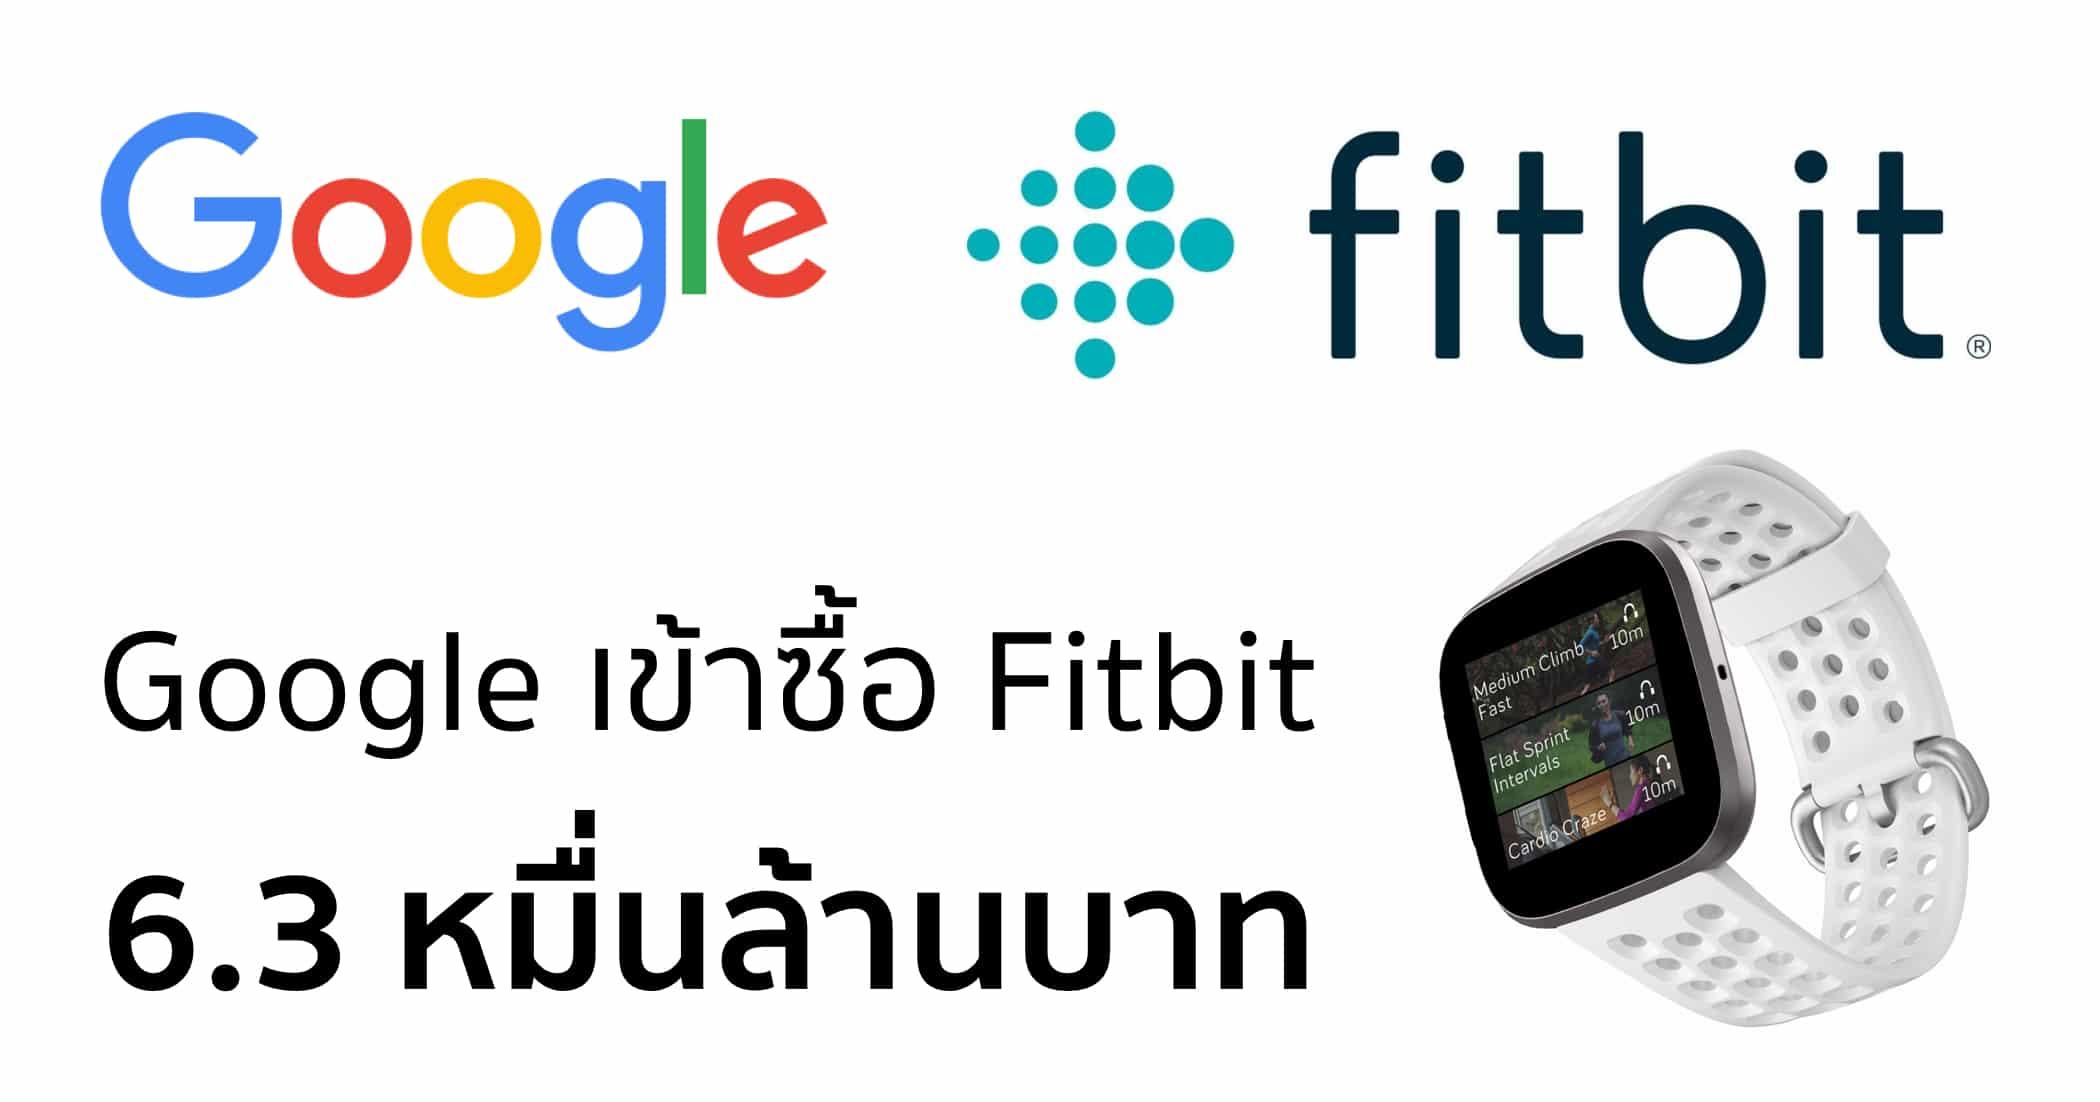 google-acquires-fitbit